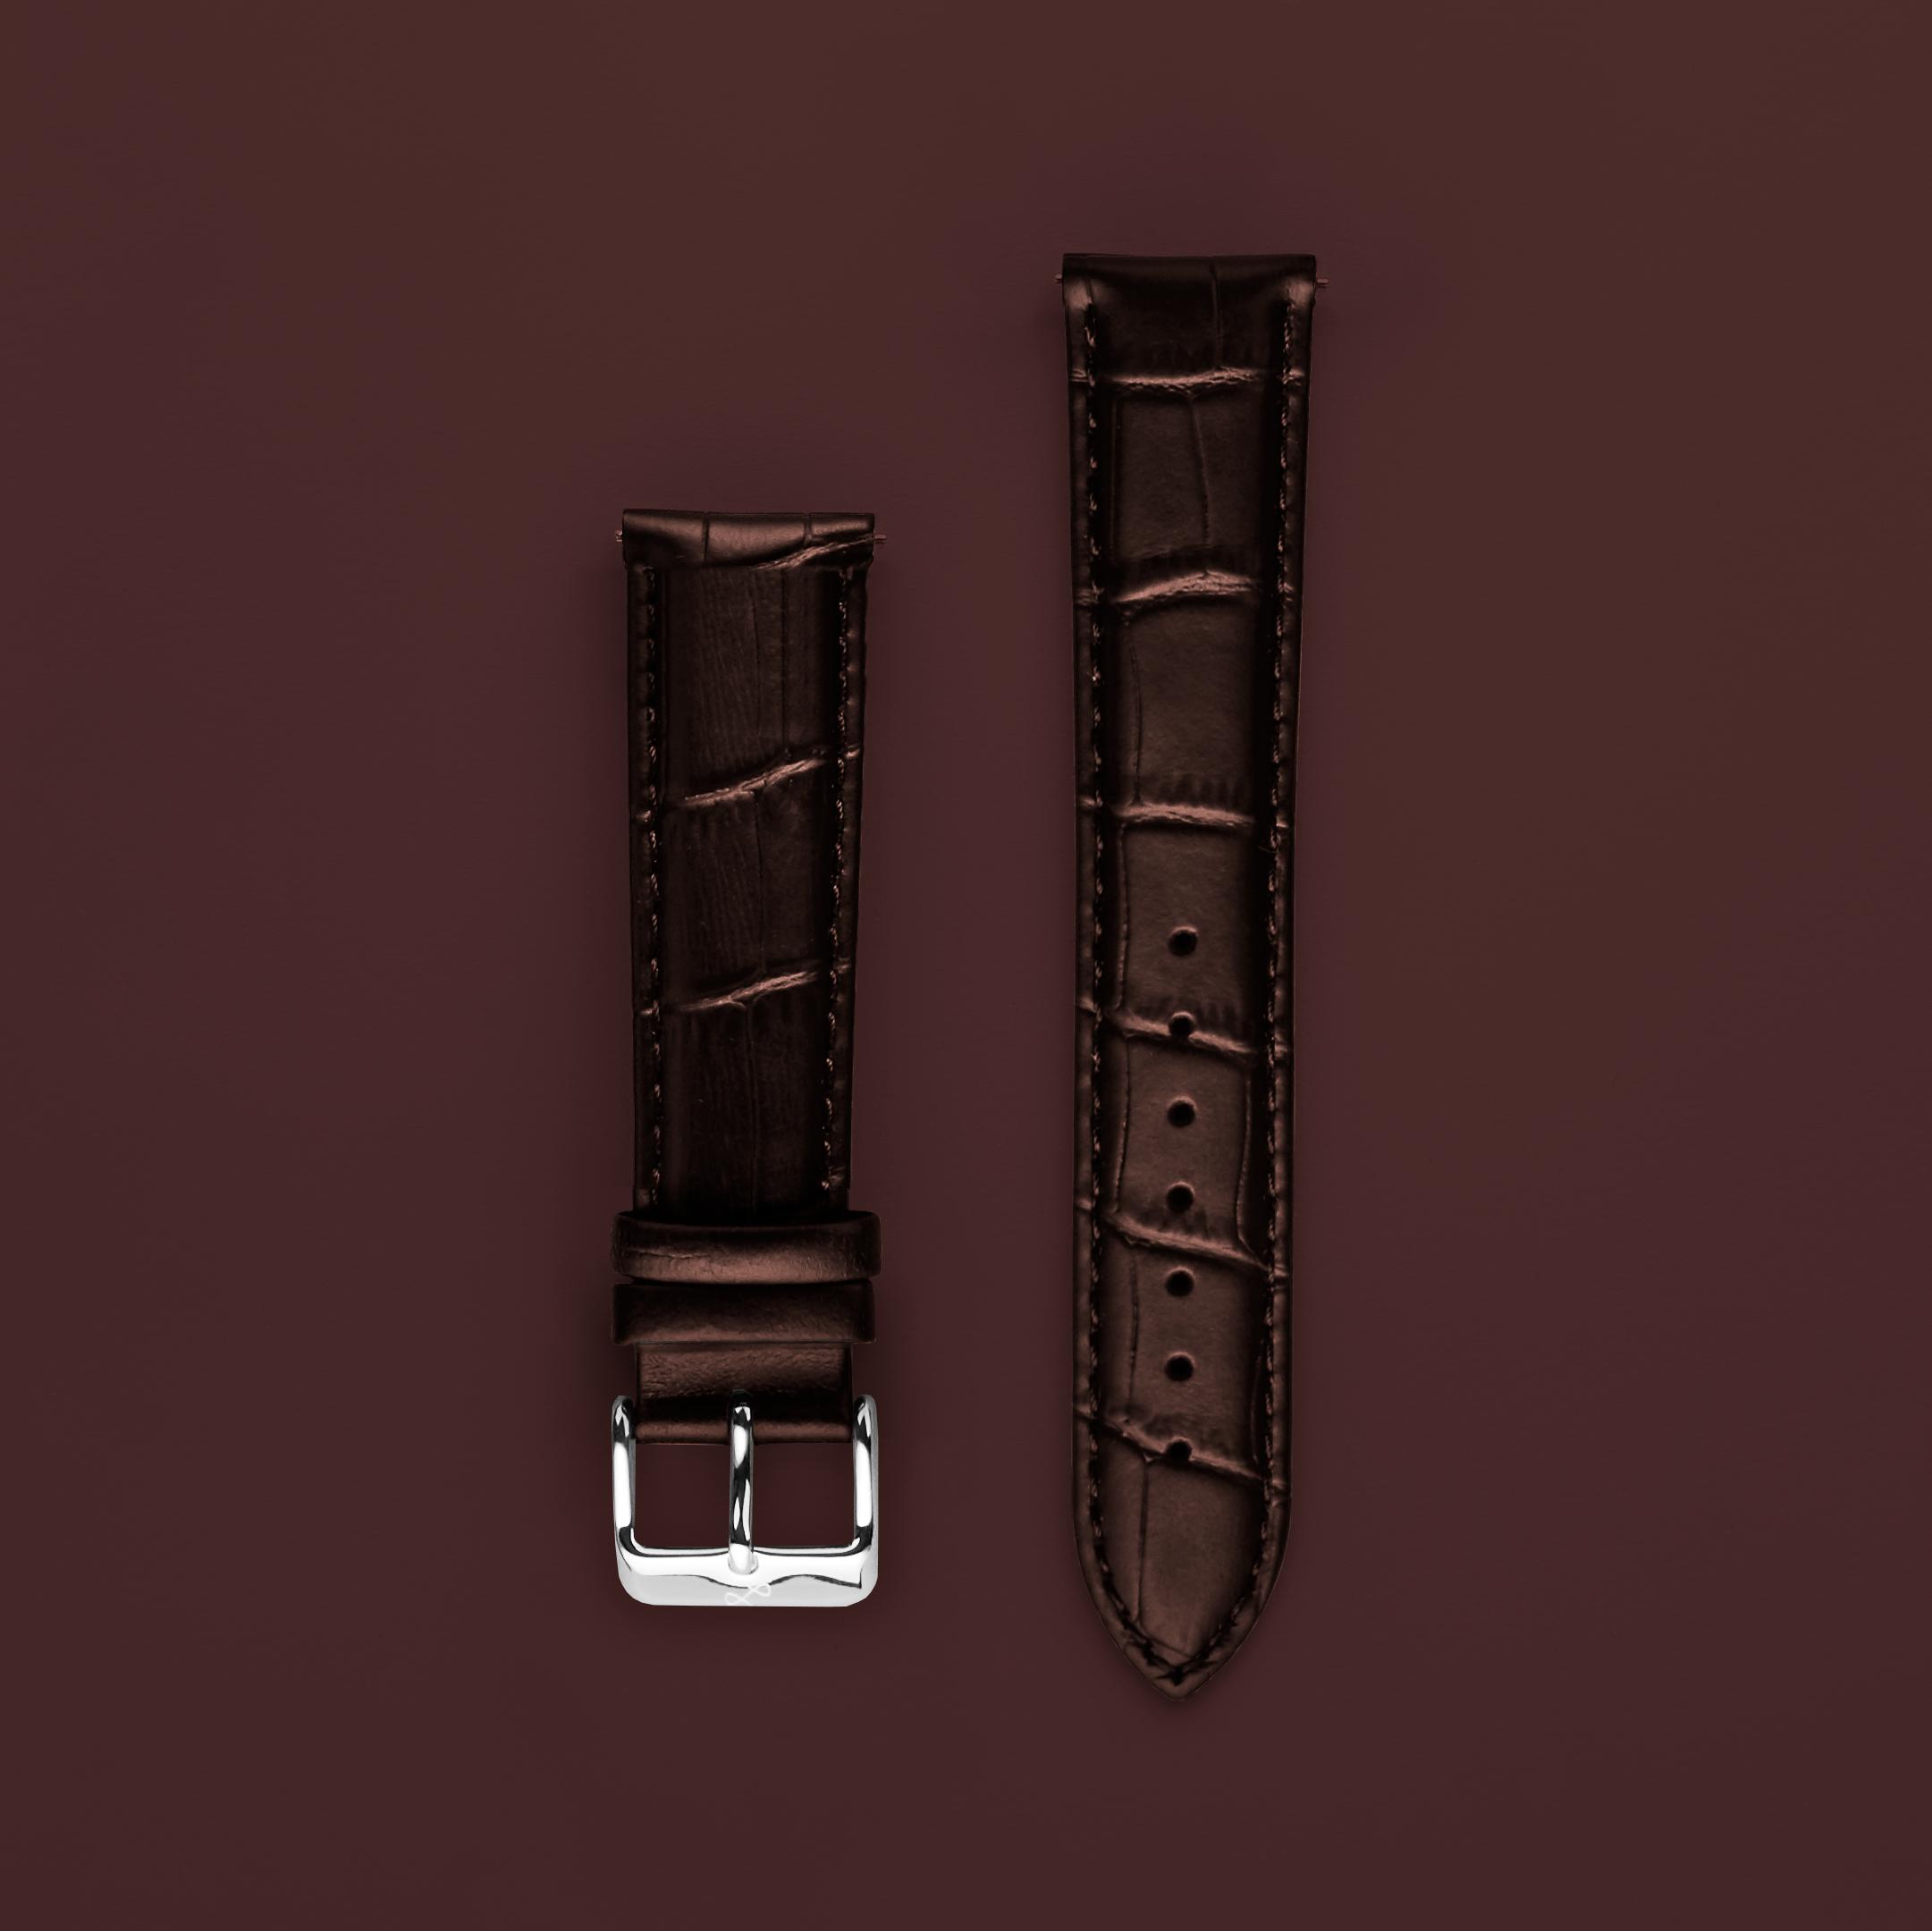 av-strap-pinbuckle-brown-croco-steel-lifestyle.png